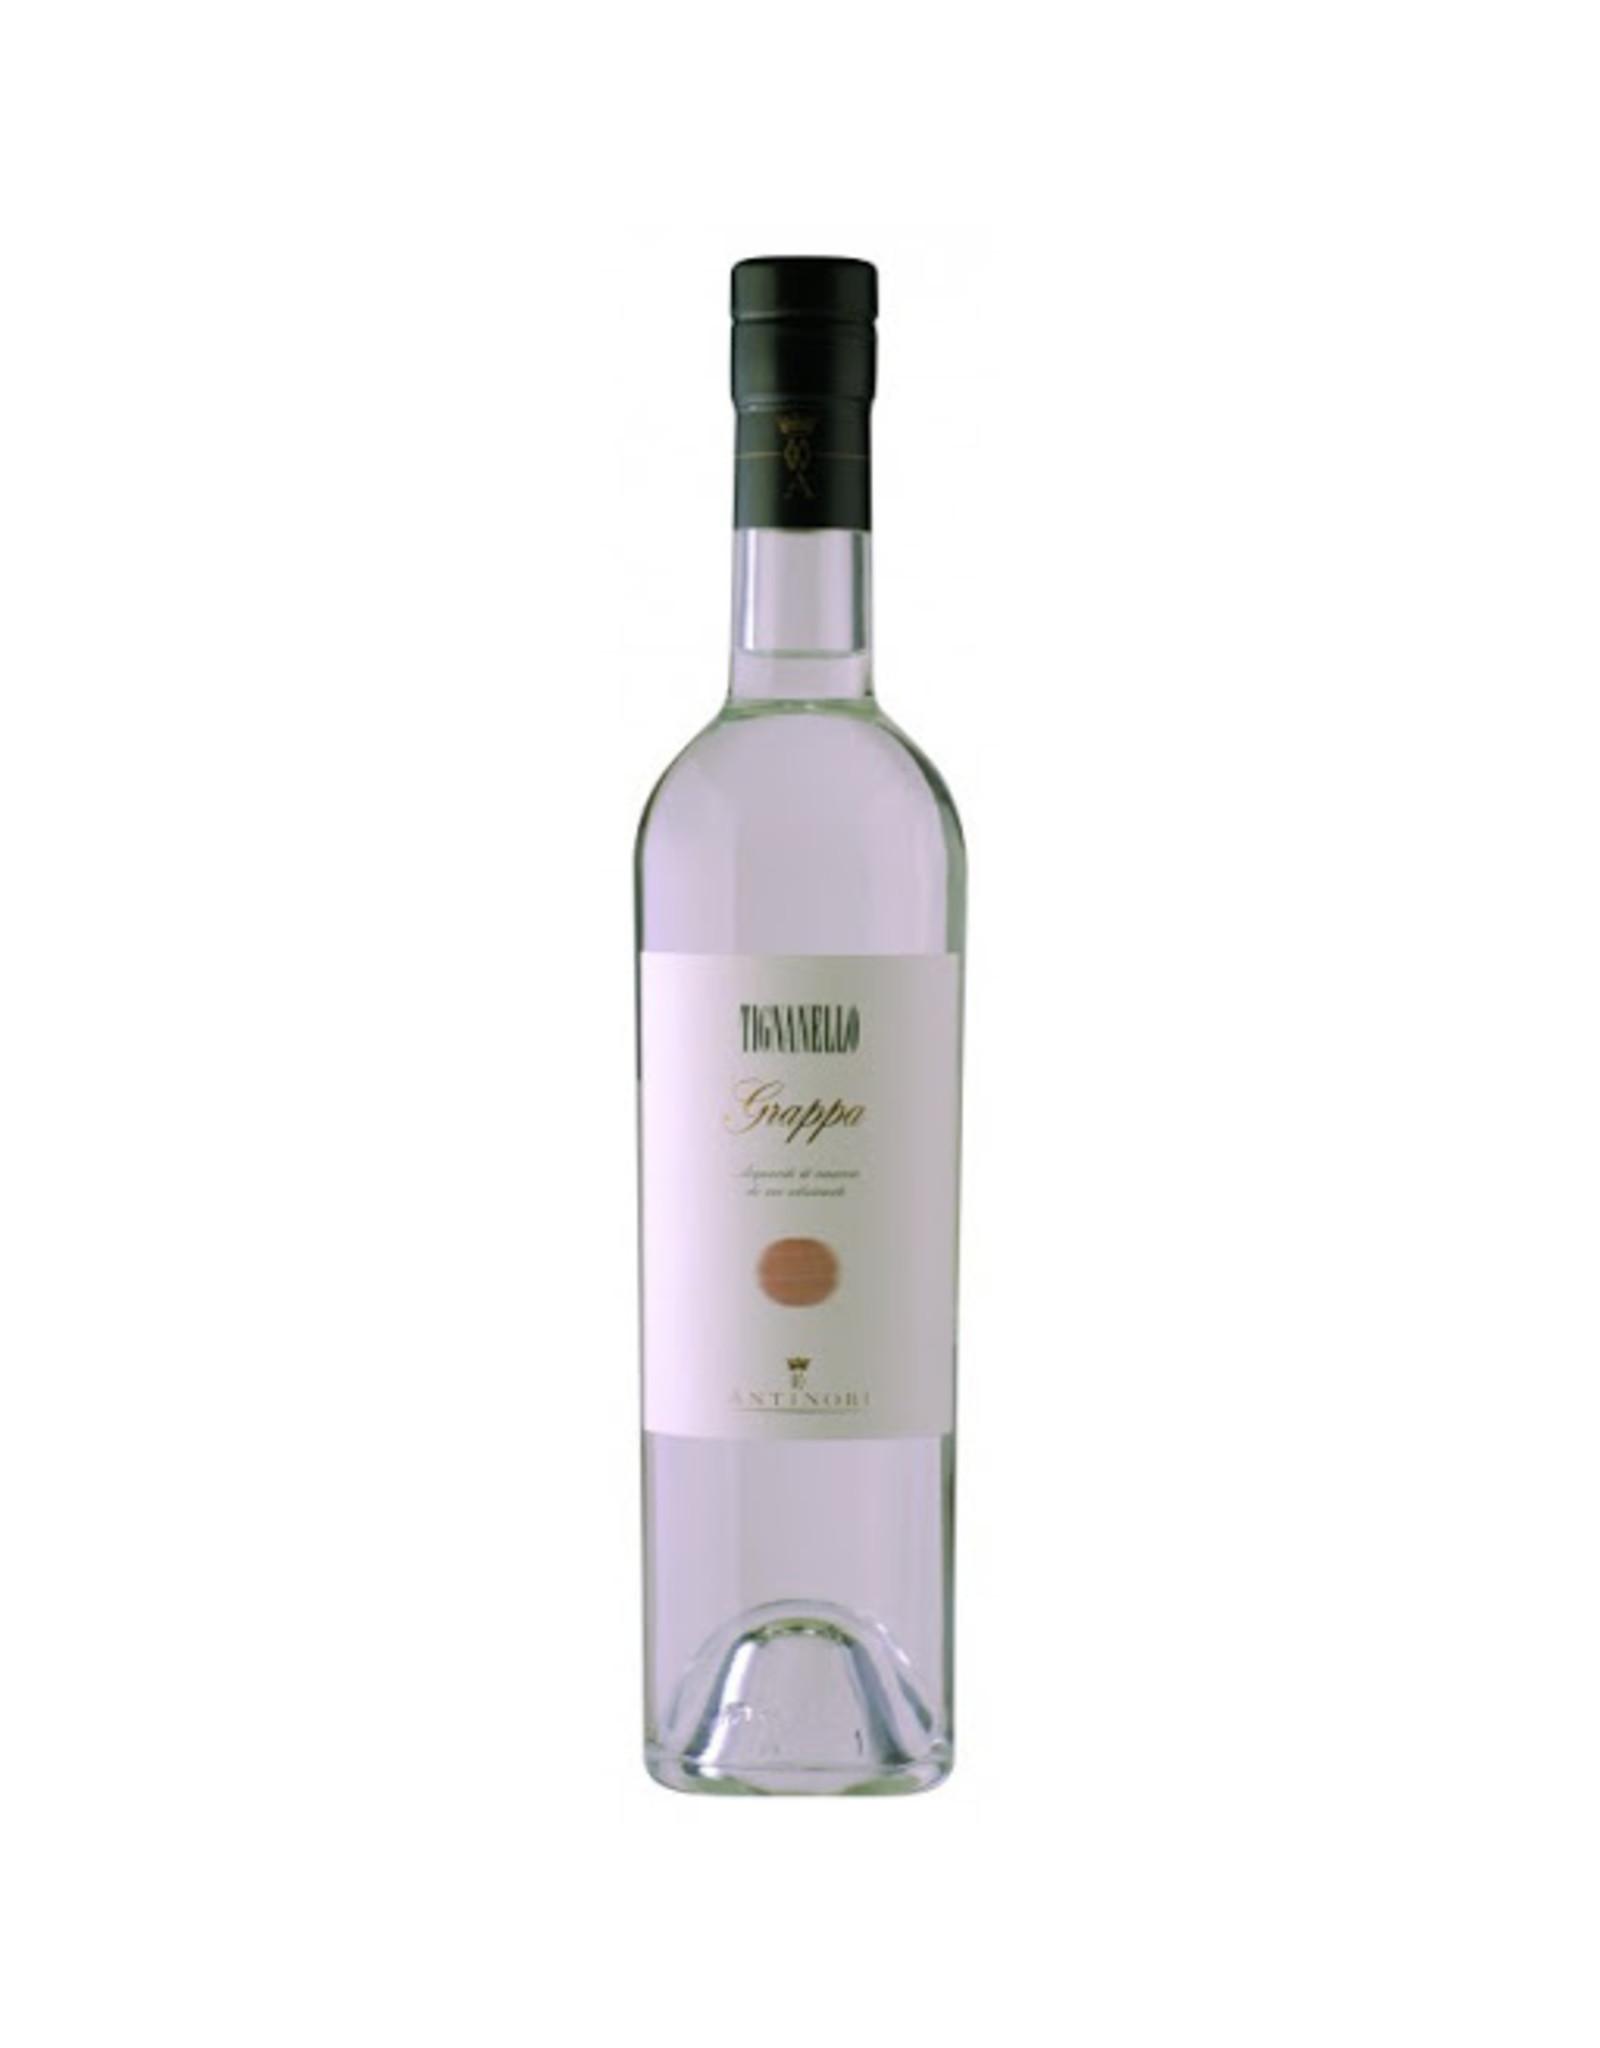 Antinori Tignanello Grappa 375 ml